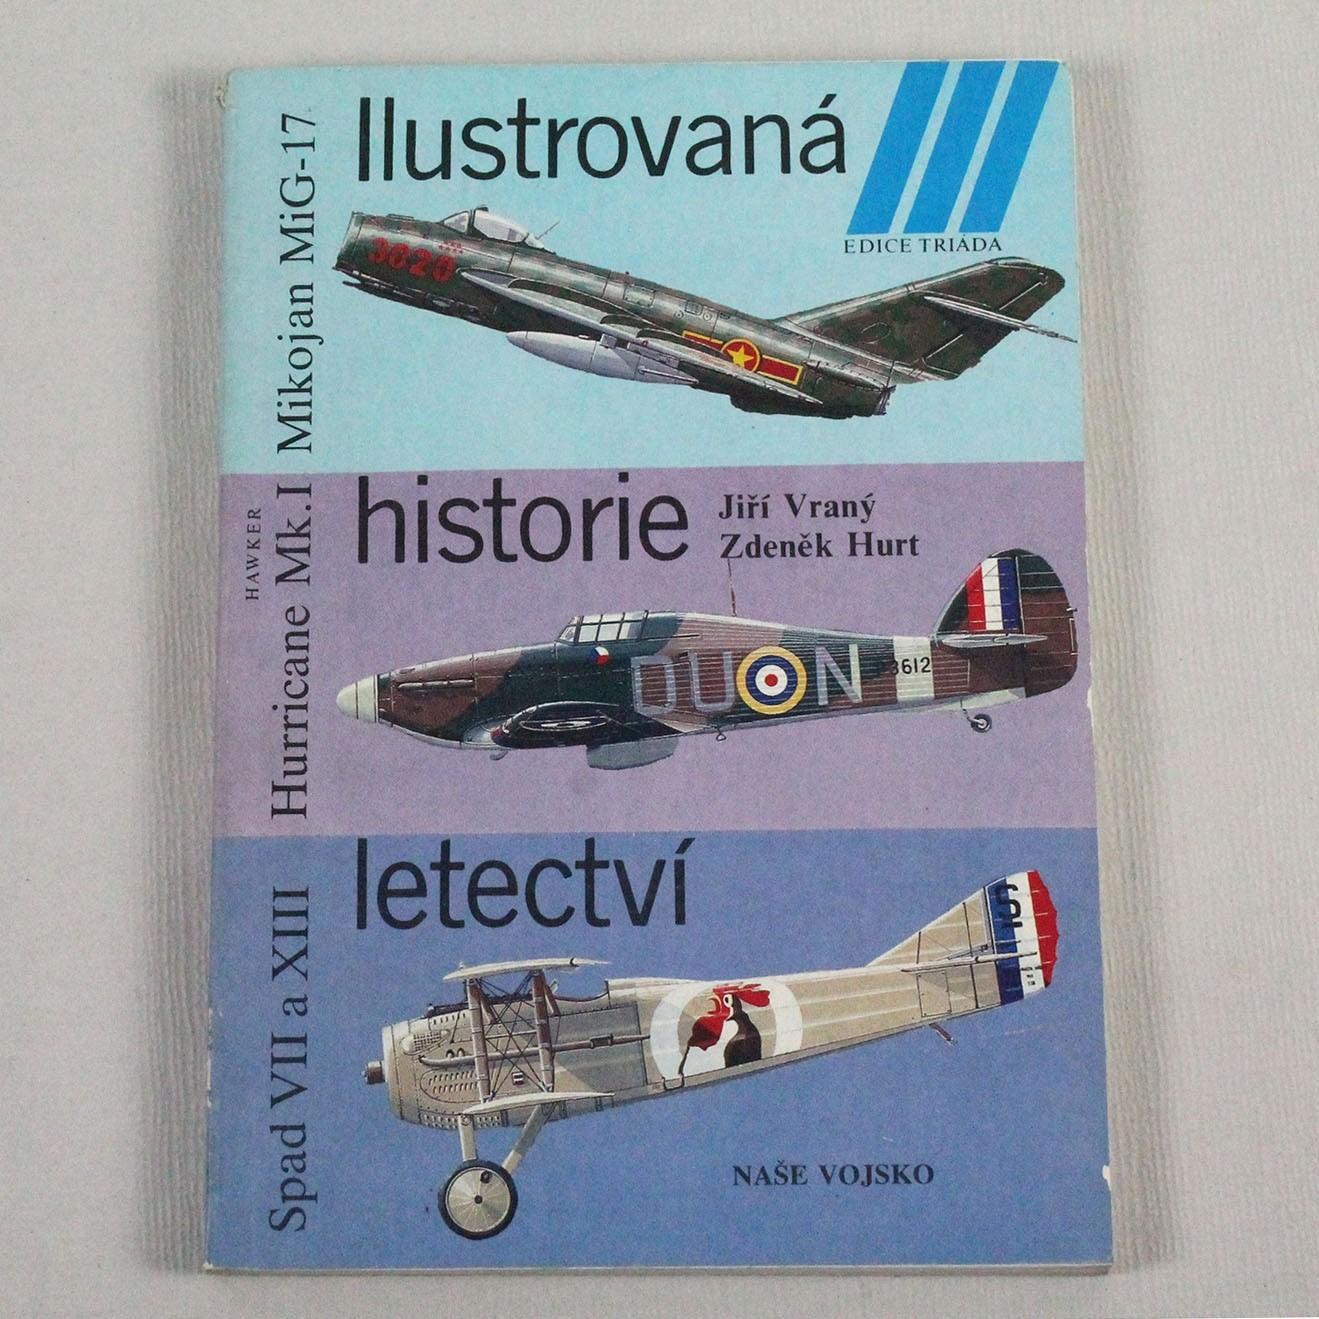 LIBCZ-ILUSTROVANÁ HISTORIE LETECTVÍ-2